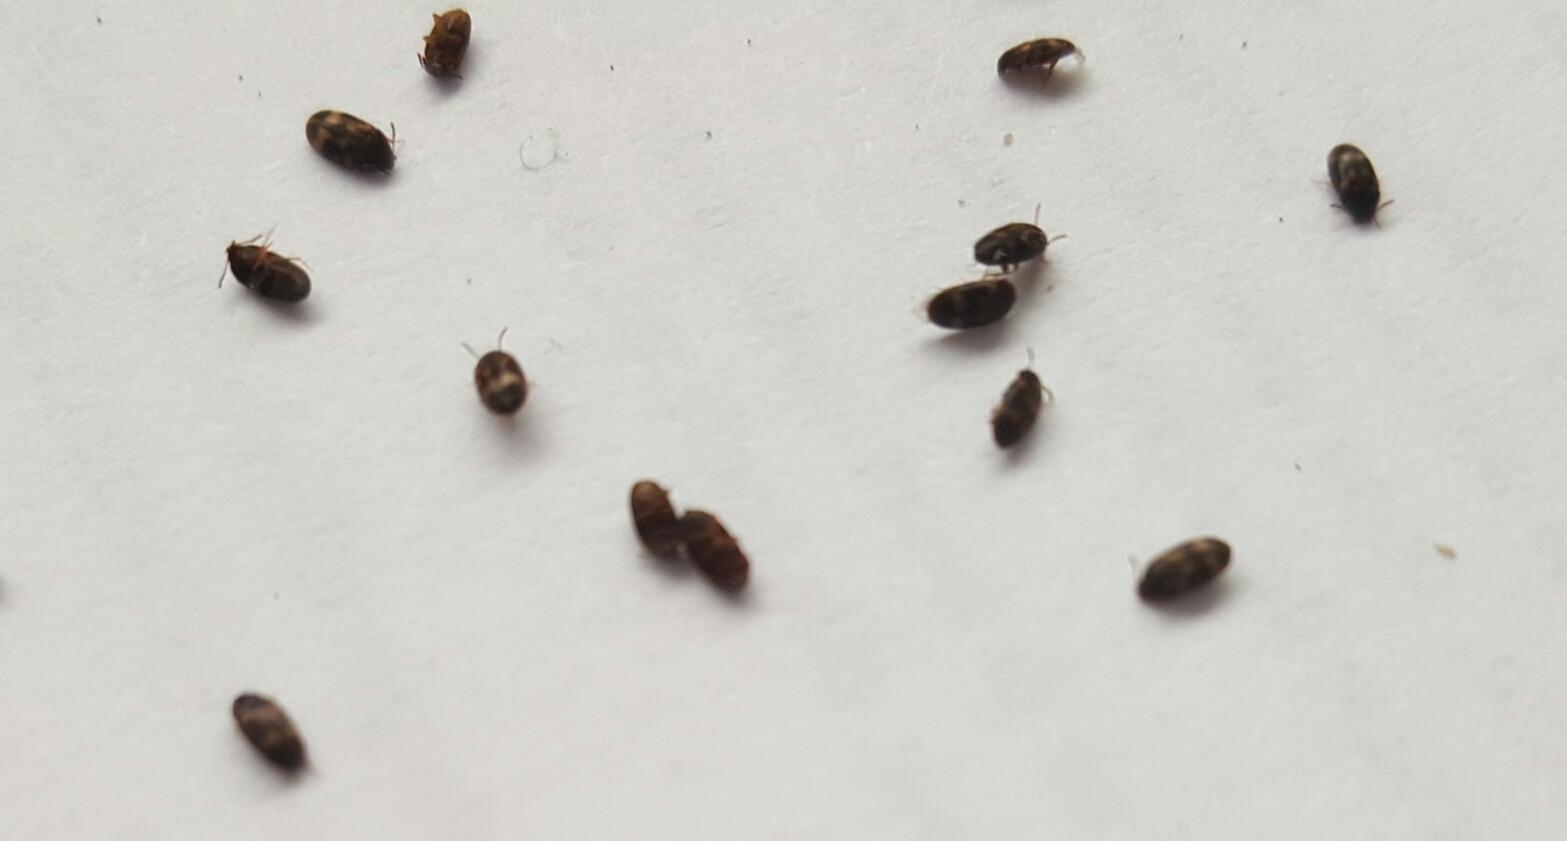 Piccoli insetti neri volanti in casa 28 images piccoli insetti volanti insetti piccoli e - Insetti neri in casa ...